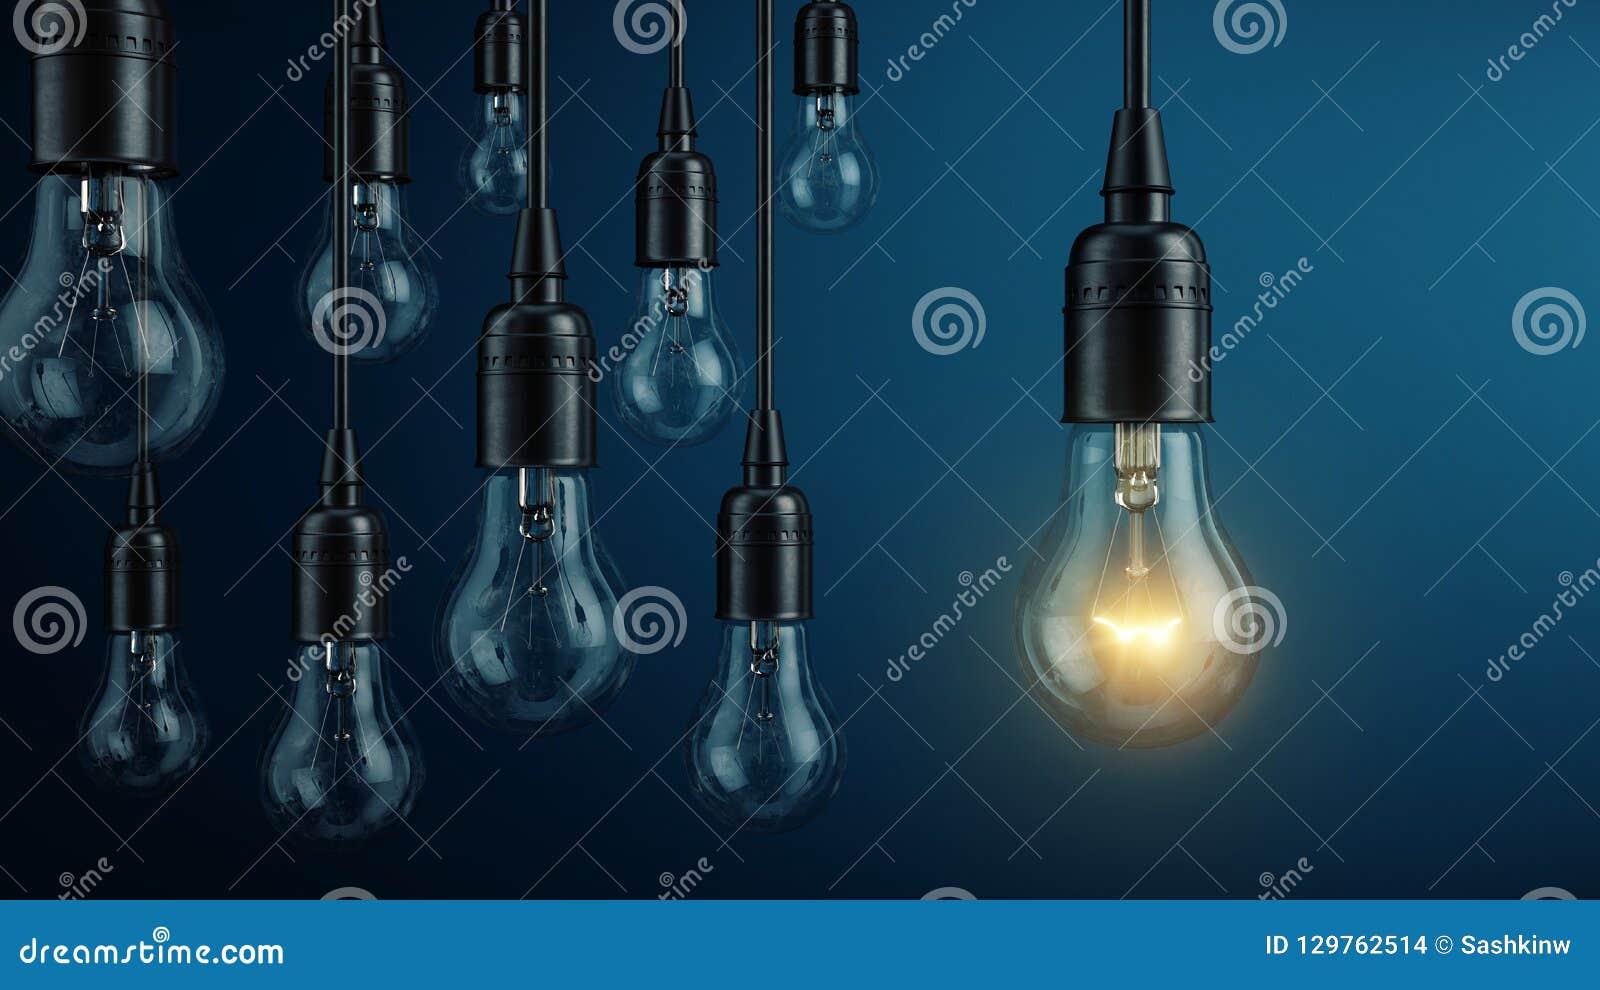 Unikt, ledarskap, nytt idébegrepp - en lampa för ljus kula som glöder olik och står ut från andra lampor för ljusa kulor